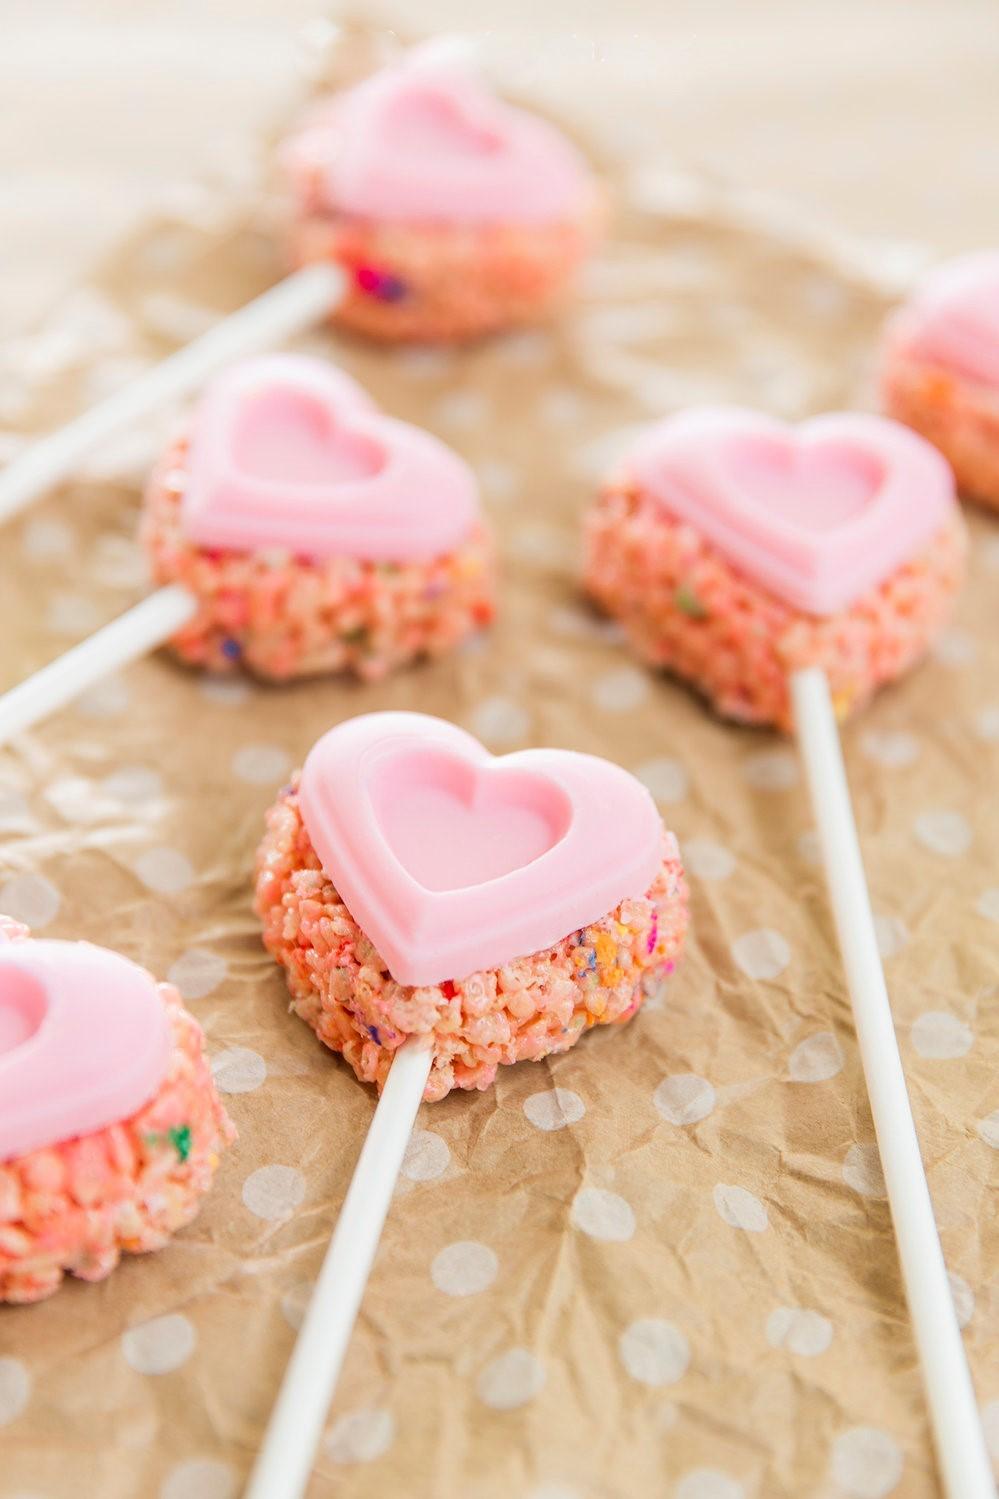 Idées de repas pour la Saint-Valentin: barres de céréales en forme de coeur.